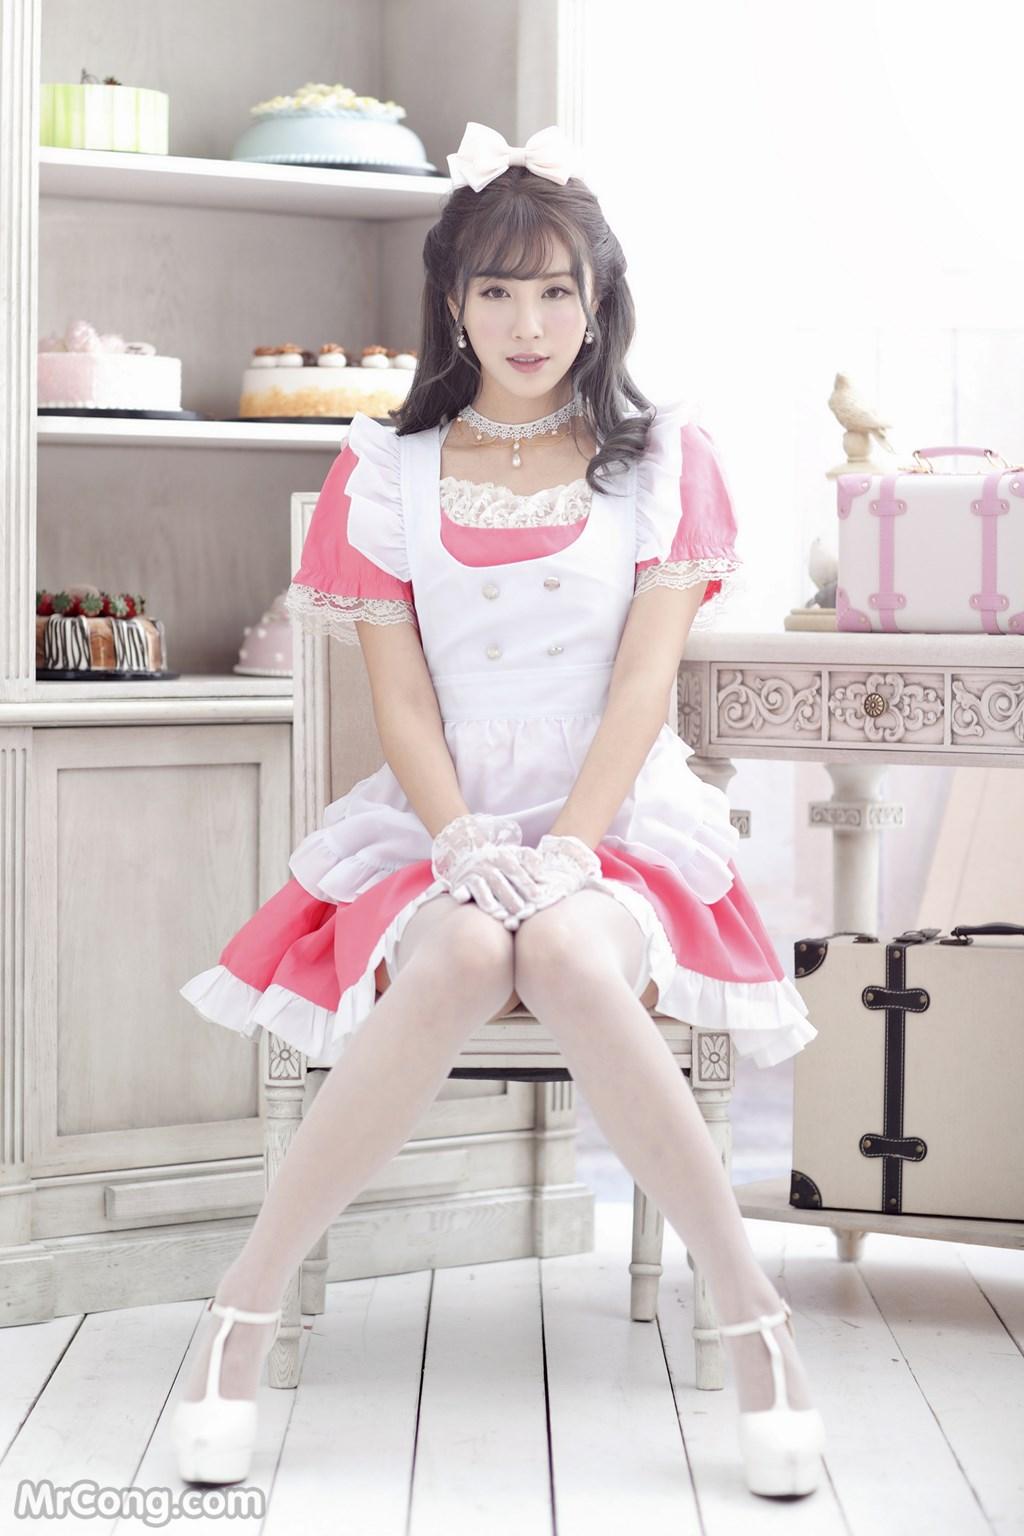 Image Girl-xinh-Dai-Loan-by-Joseph-Huang-Phan-3-MrCong.com-0028 in post Các cô gái Đài Loan qua góc chụp của Joseph Huang (黃阿文) - Phần 3 (1470 ảnh)